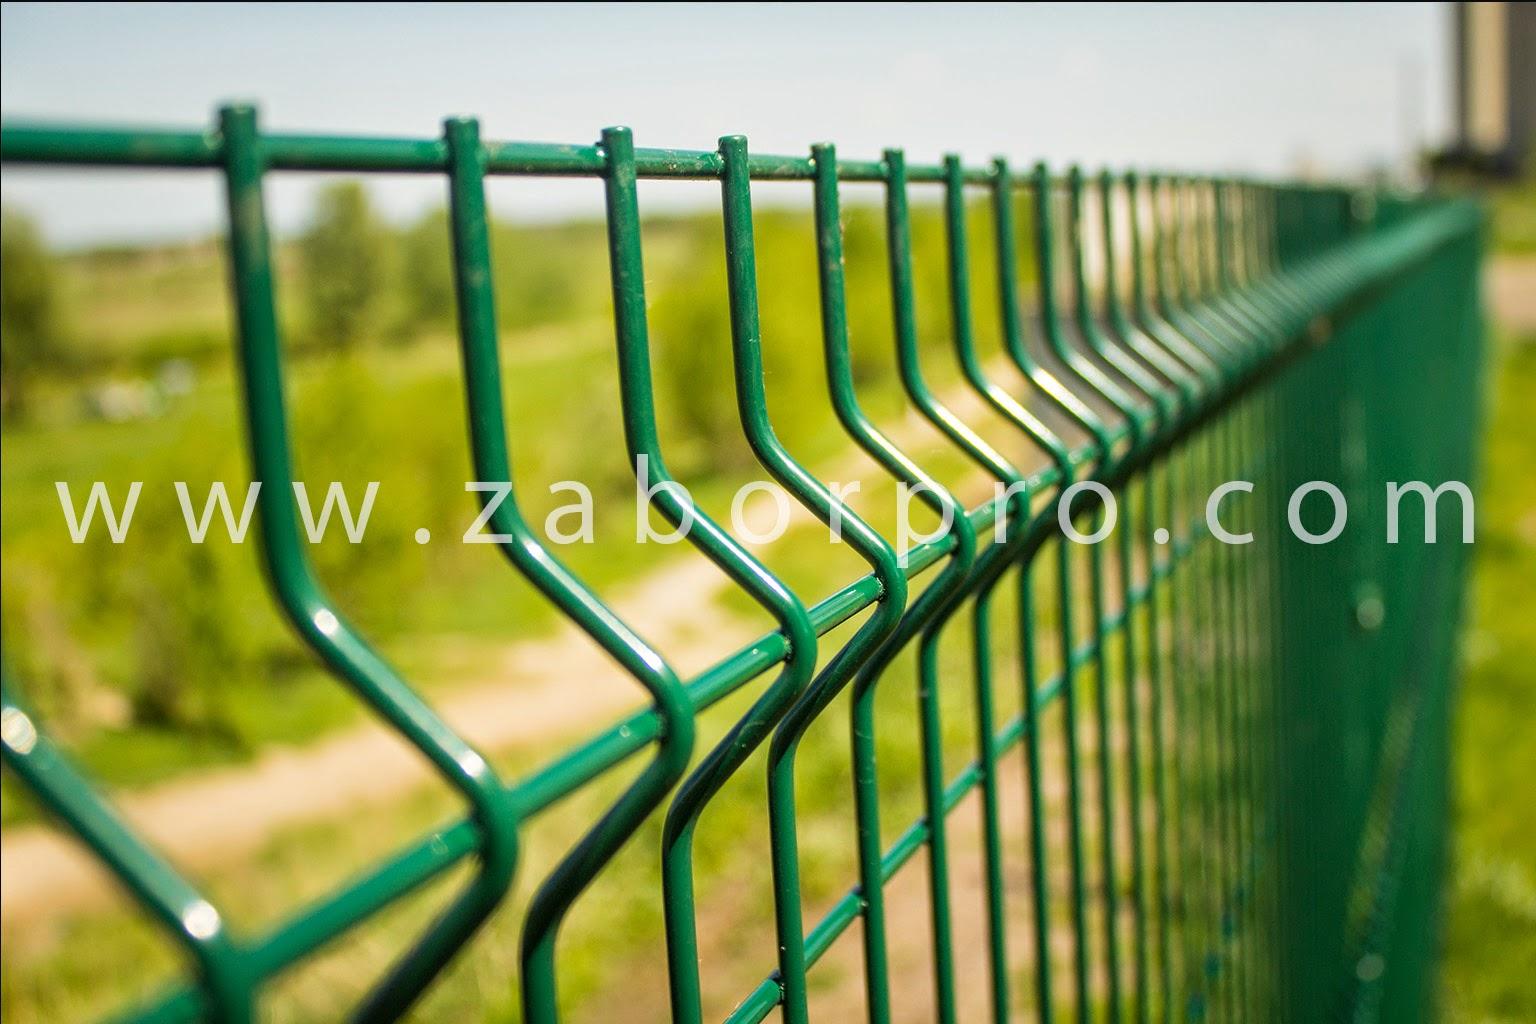 ограждение многоквартирного дома, спортивной и детской площадок-0107